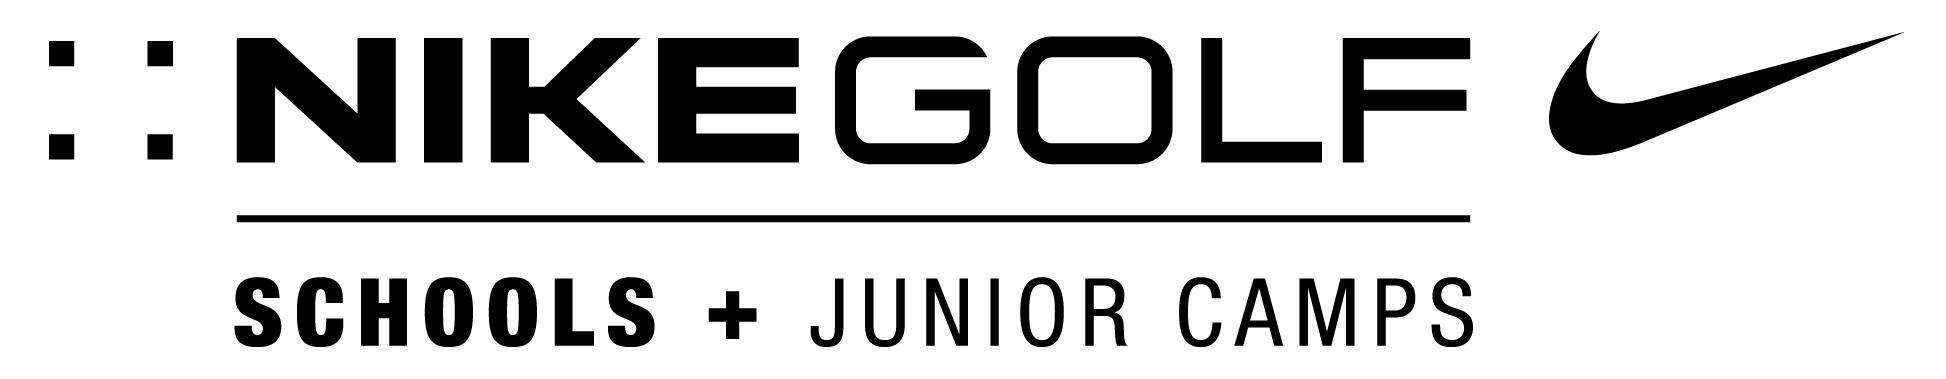 Nike Golf Camps, Eagle Crest Resort